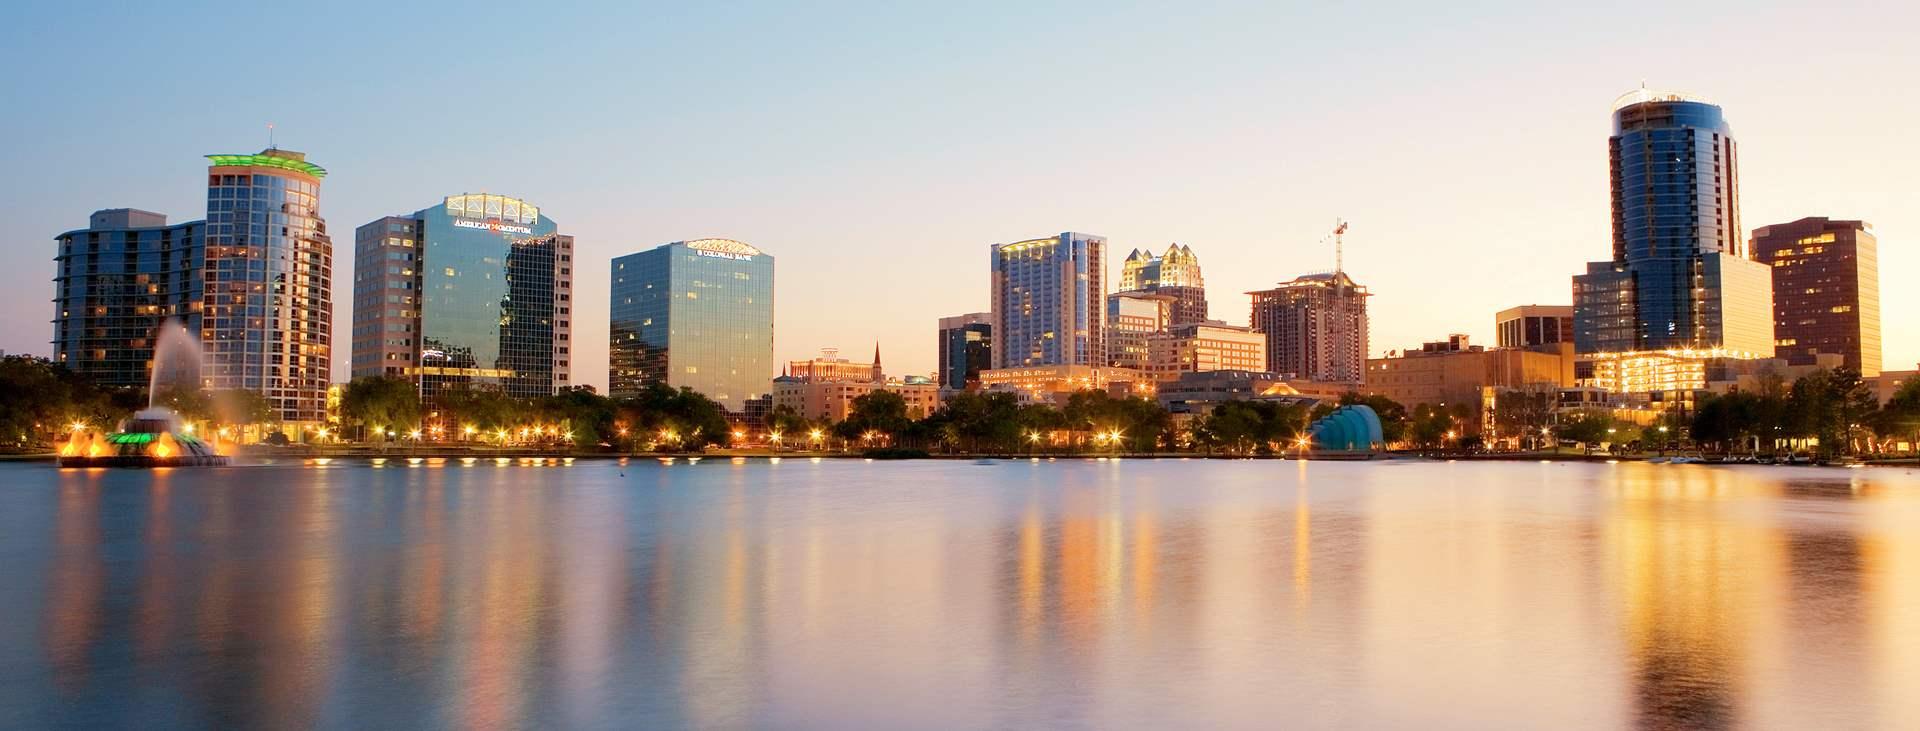 Boka en resa till Orlando i Florida - upplev USA med Ving